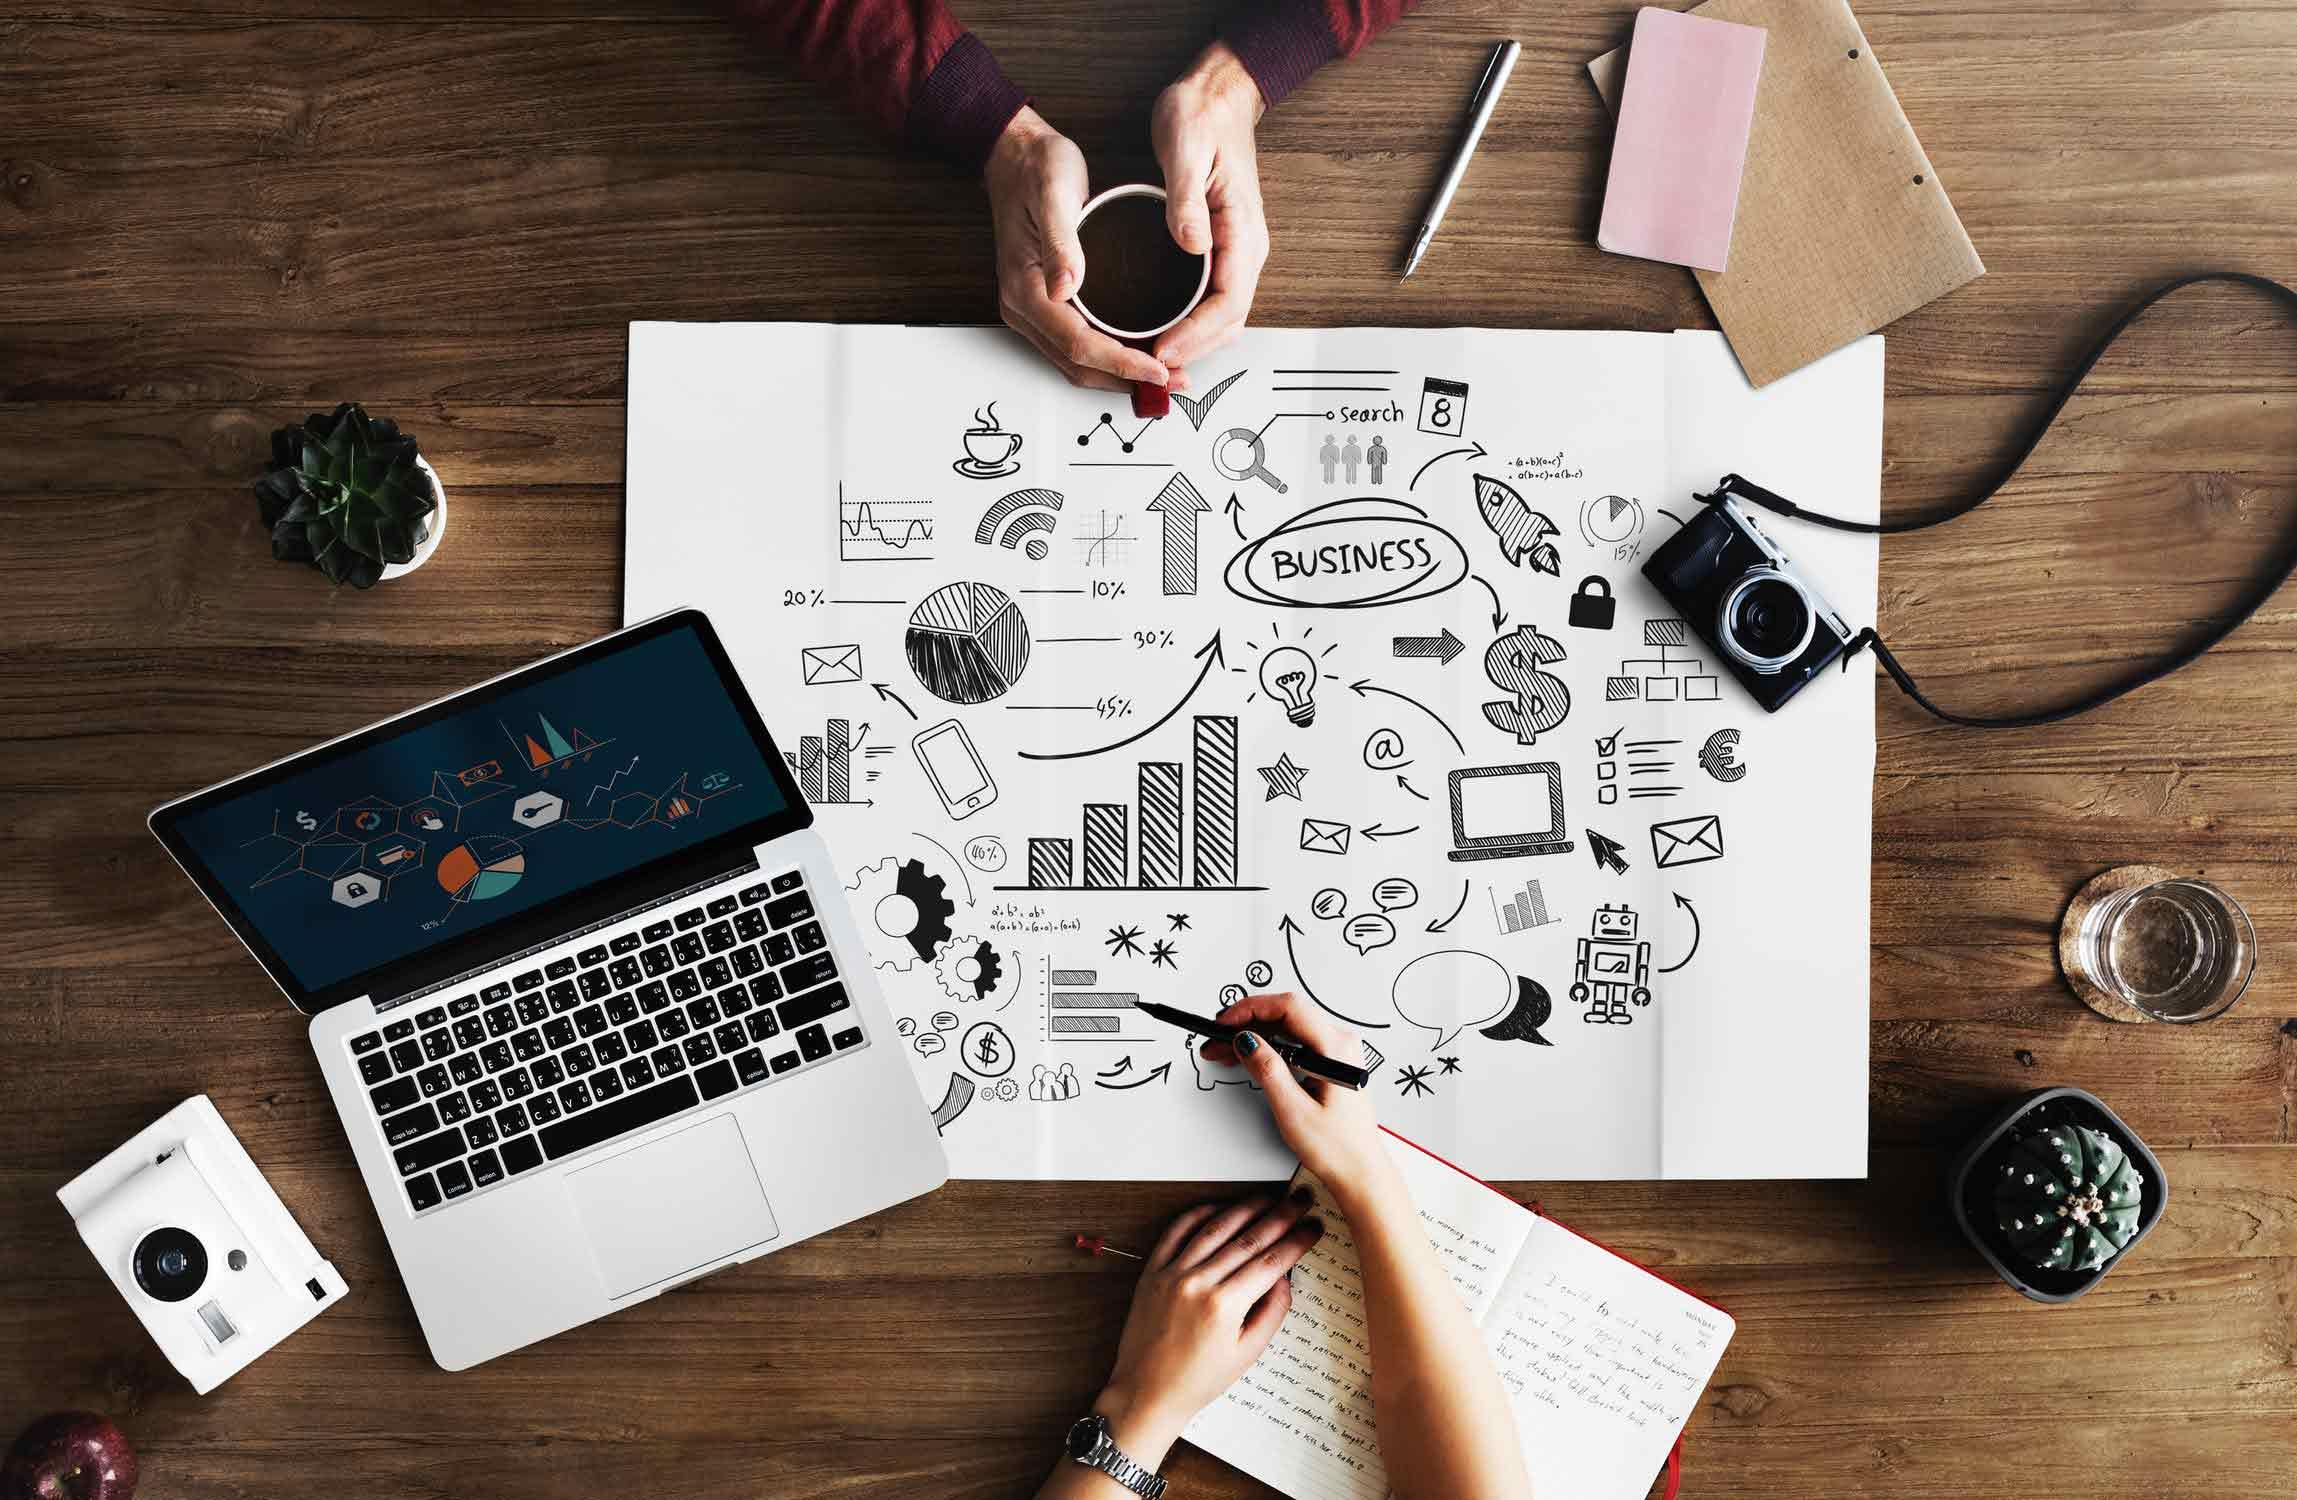 服务即营销的终极秘密:代理记账公司的管理与营销